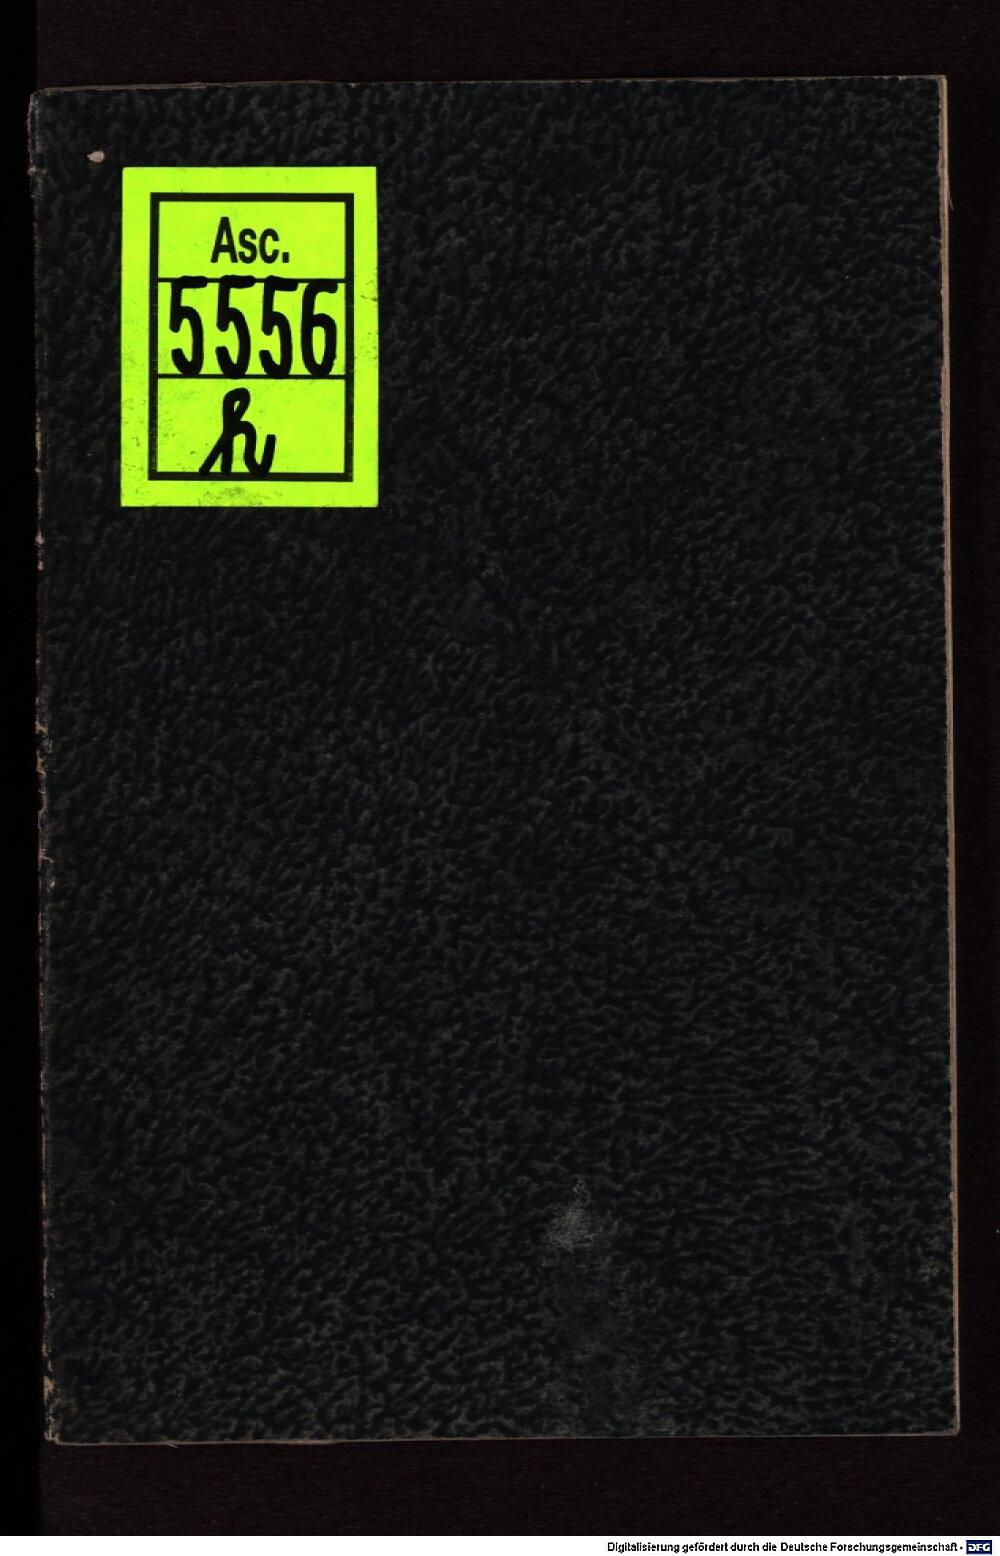 bsb00035155_00001.jpg